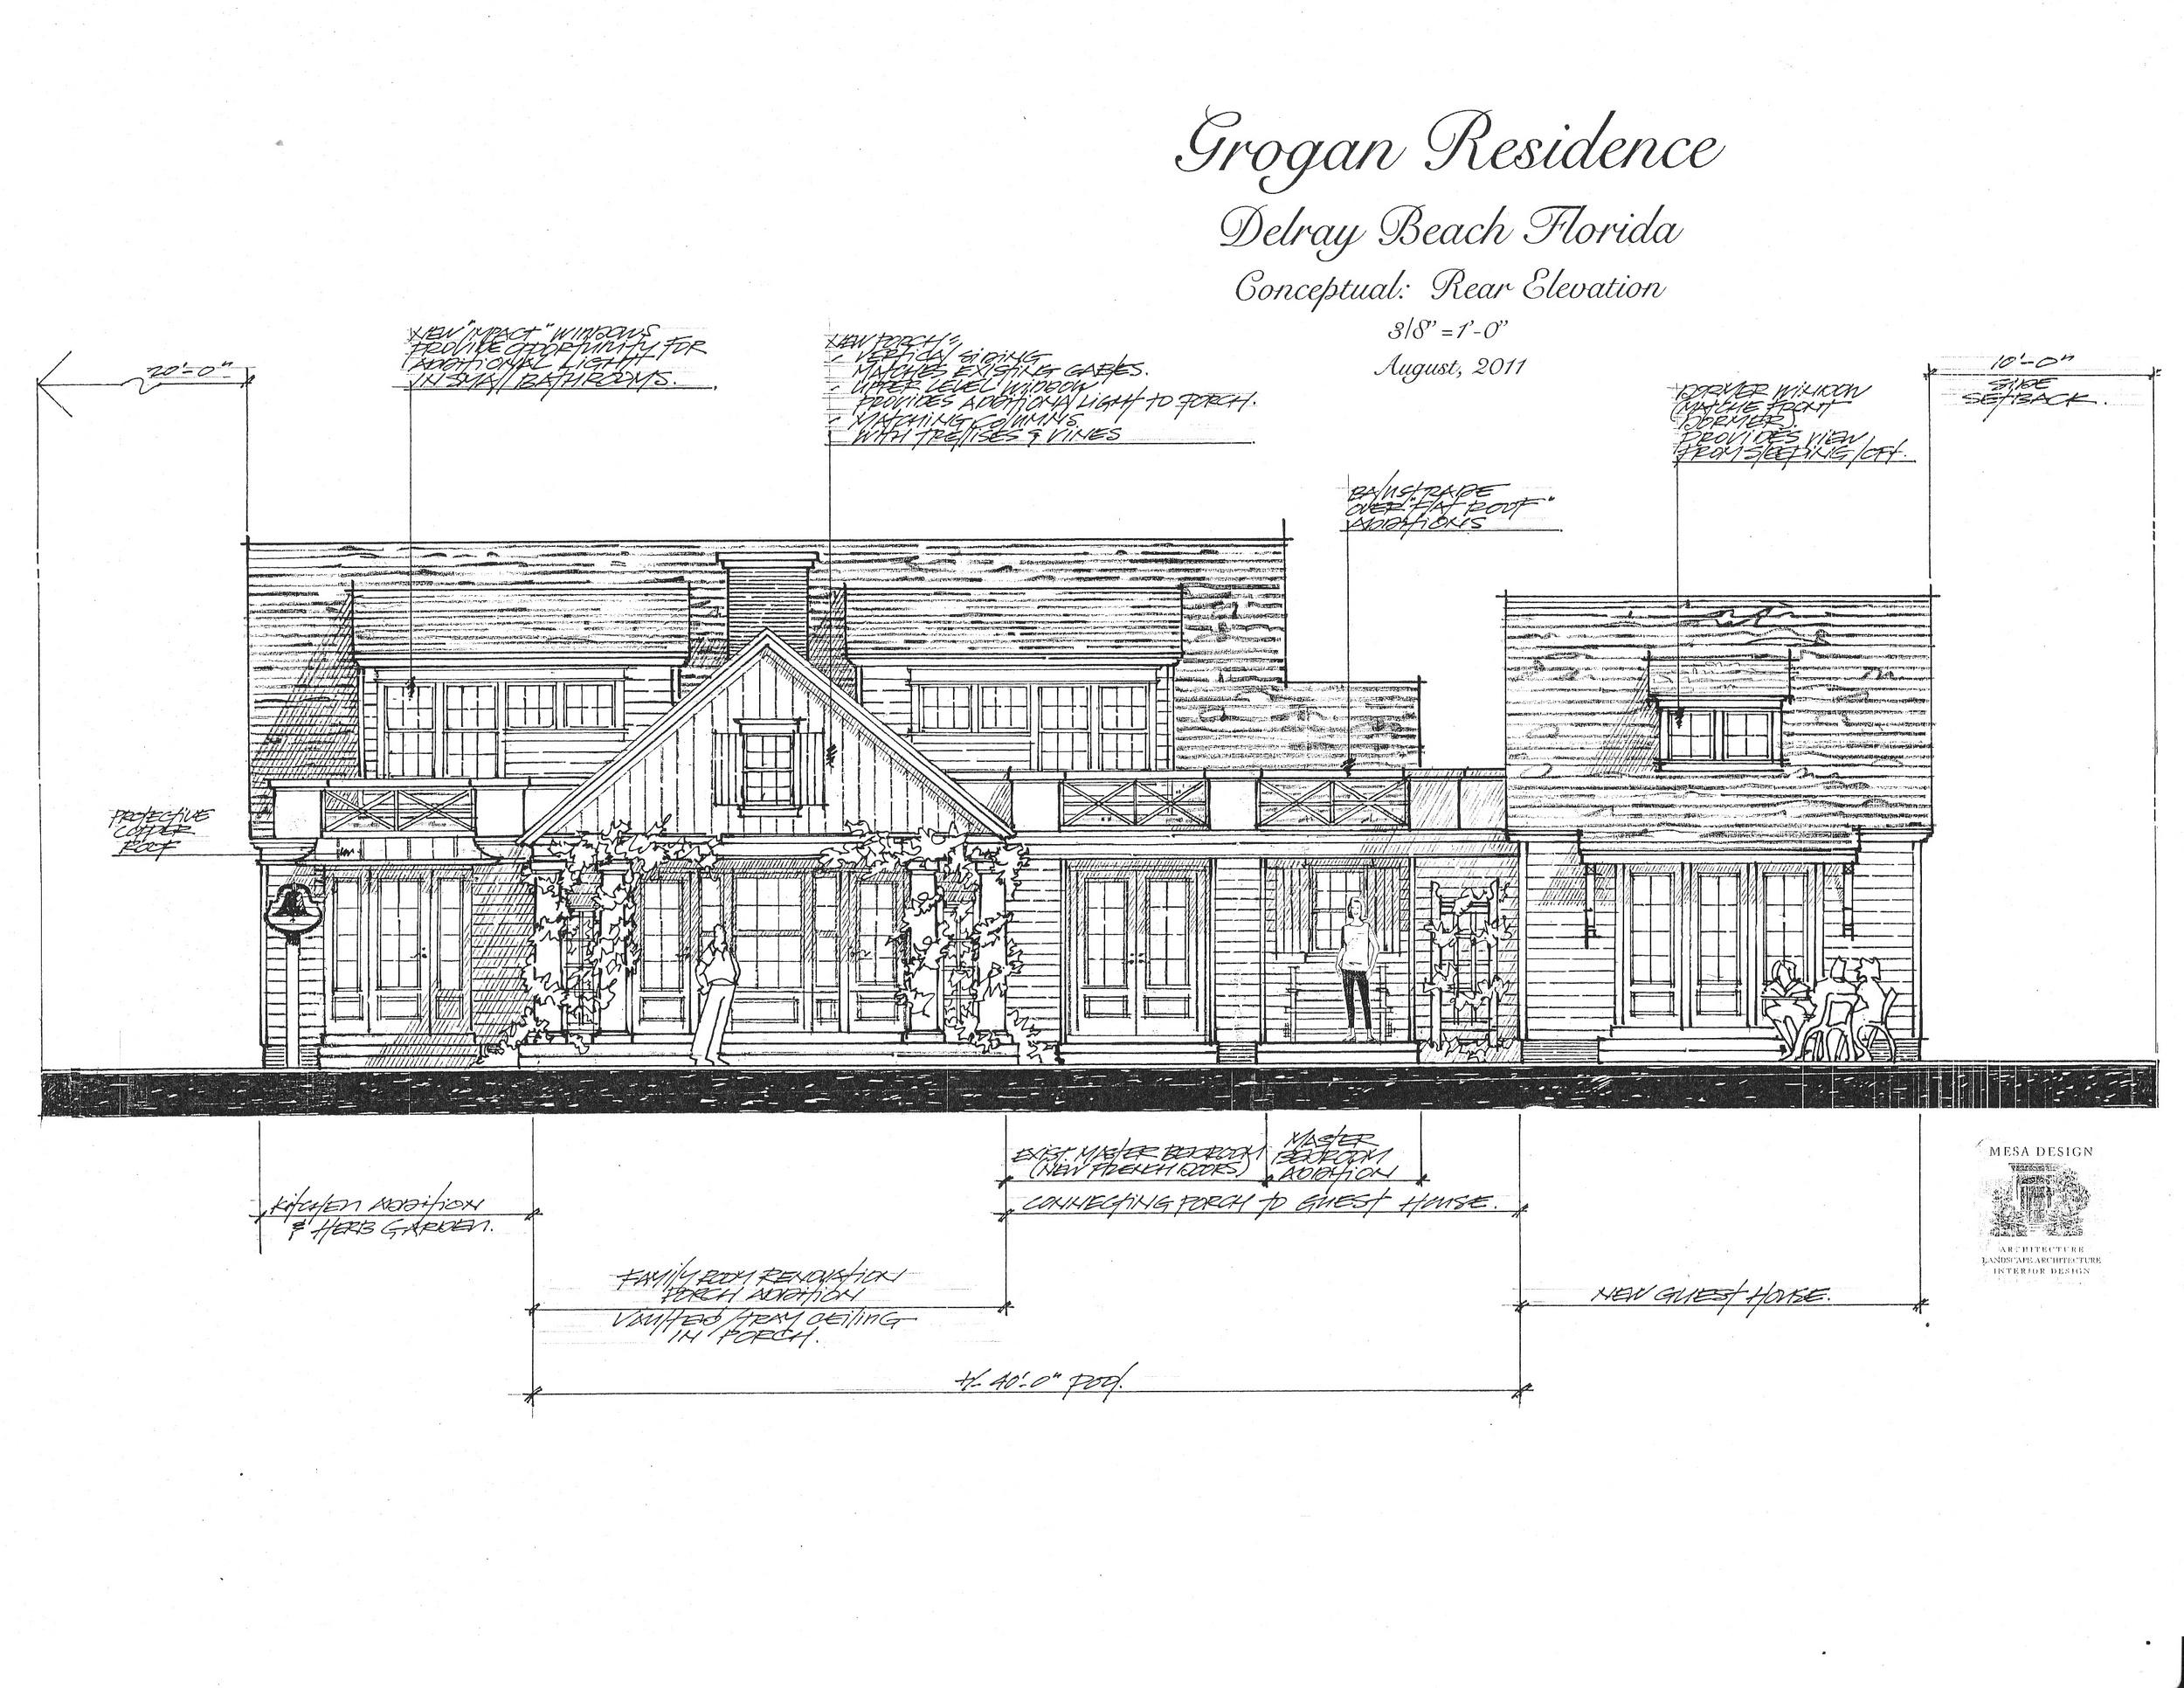 Grogan Residence (1).jpg